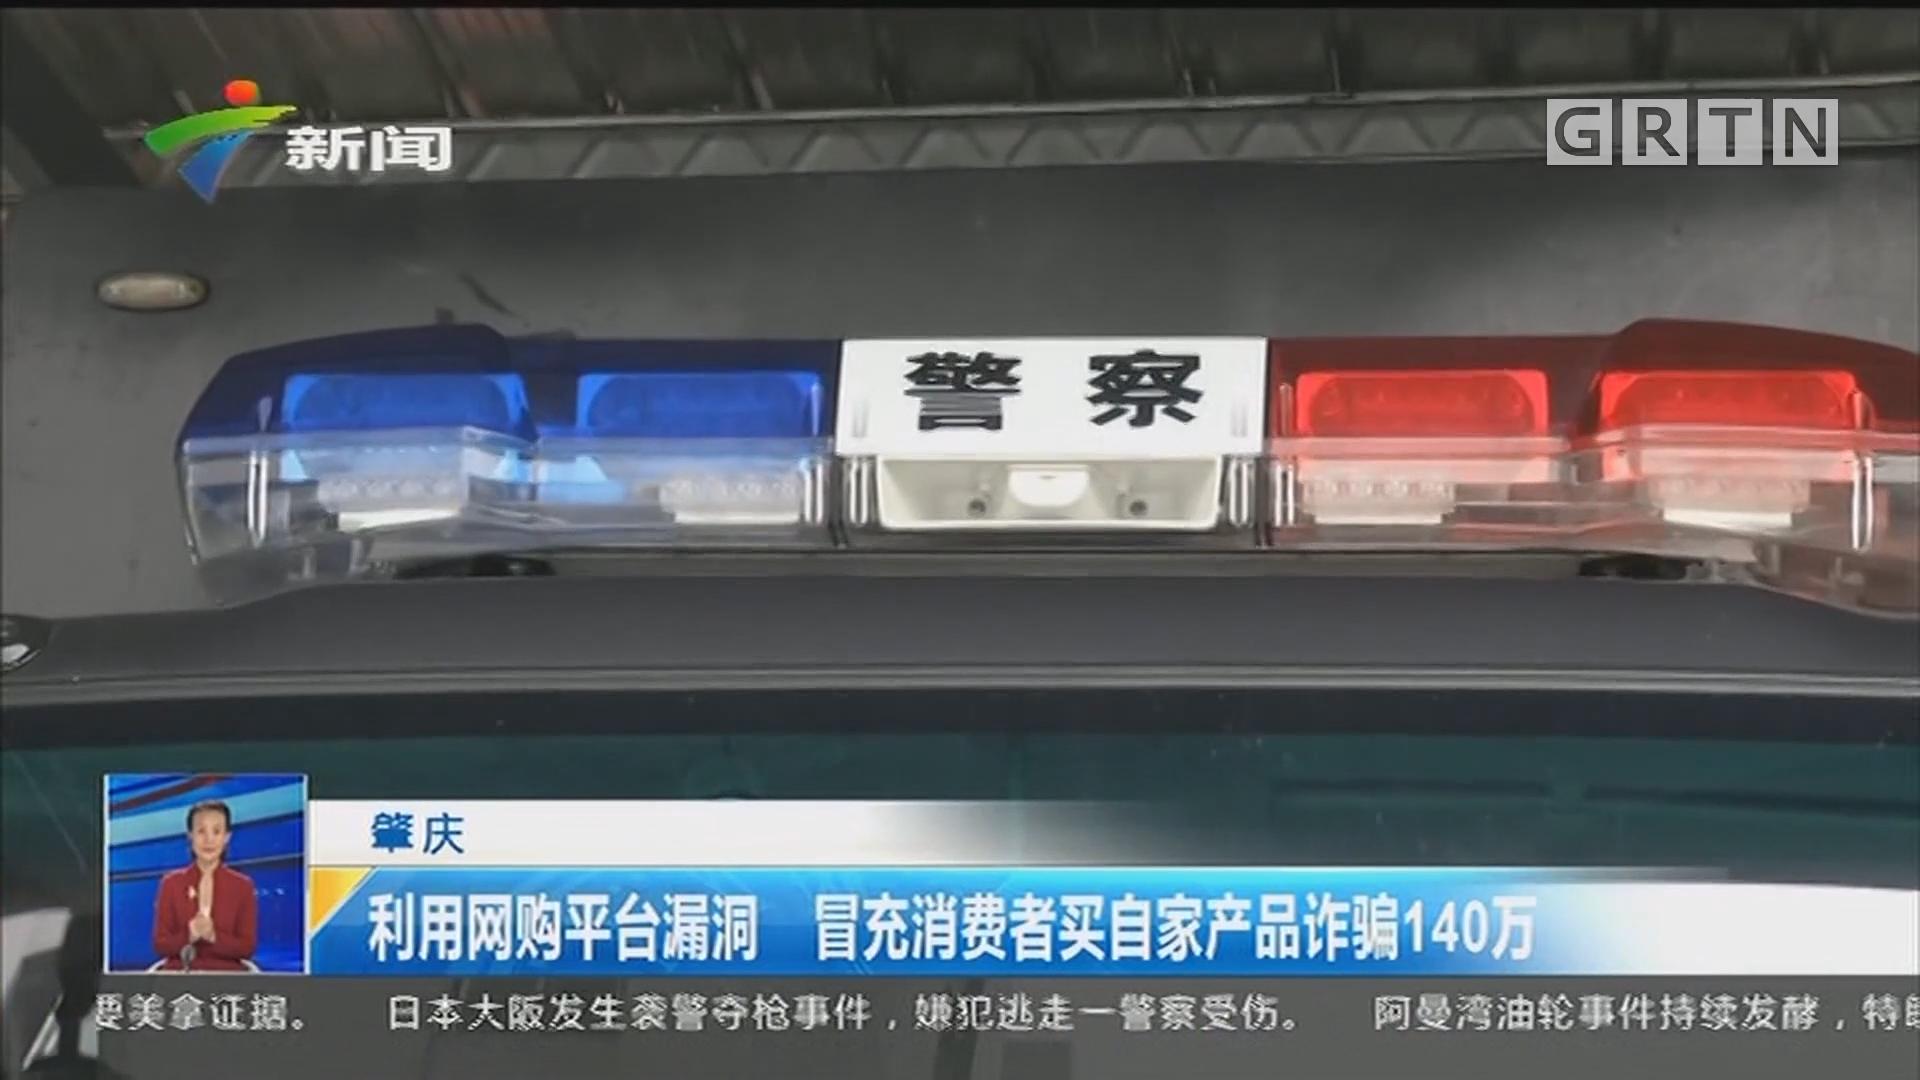 肇庆:利用网购平台漏洞 冒充消费者买自家产品诈骗140万